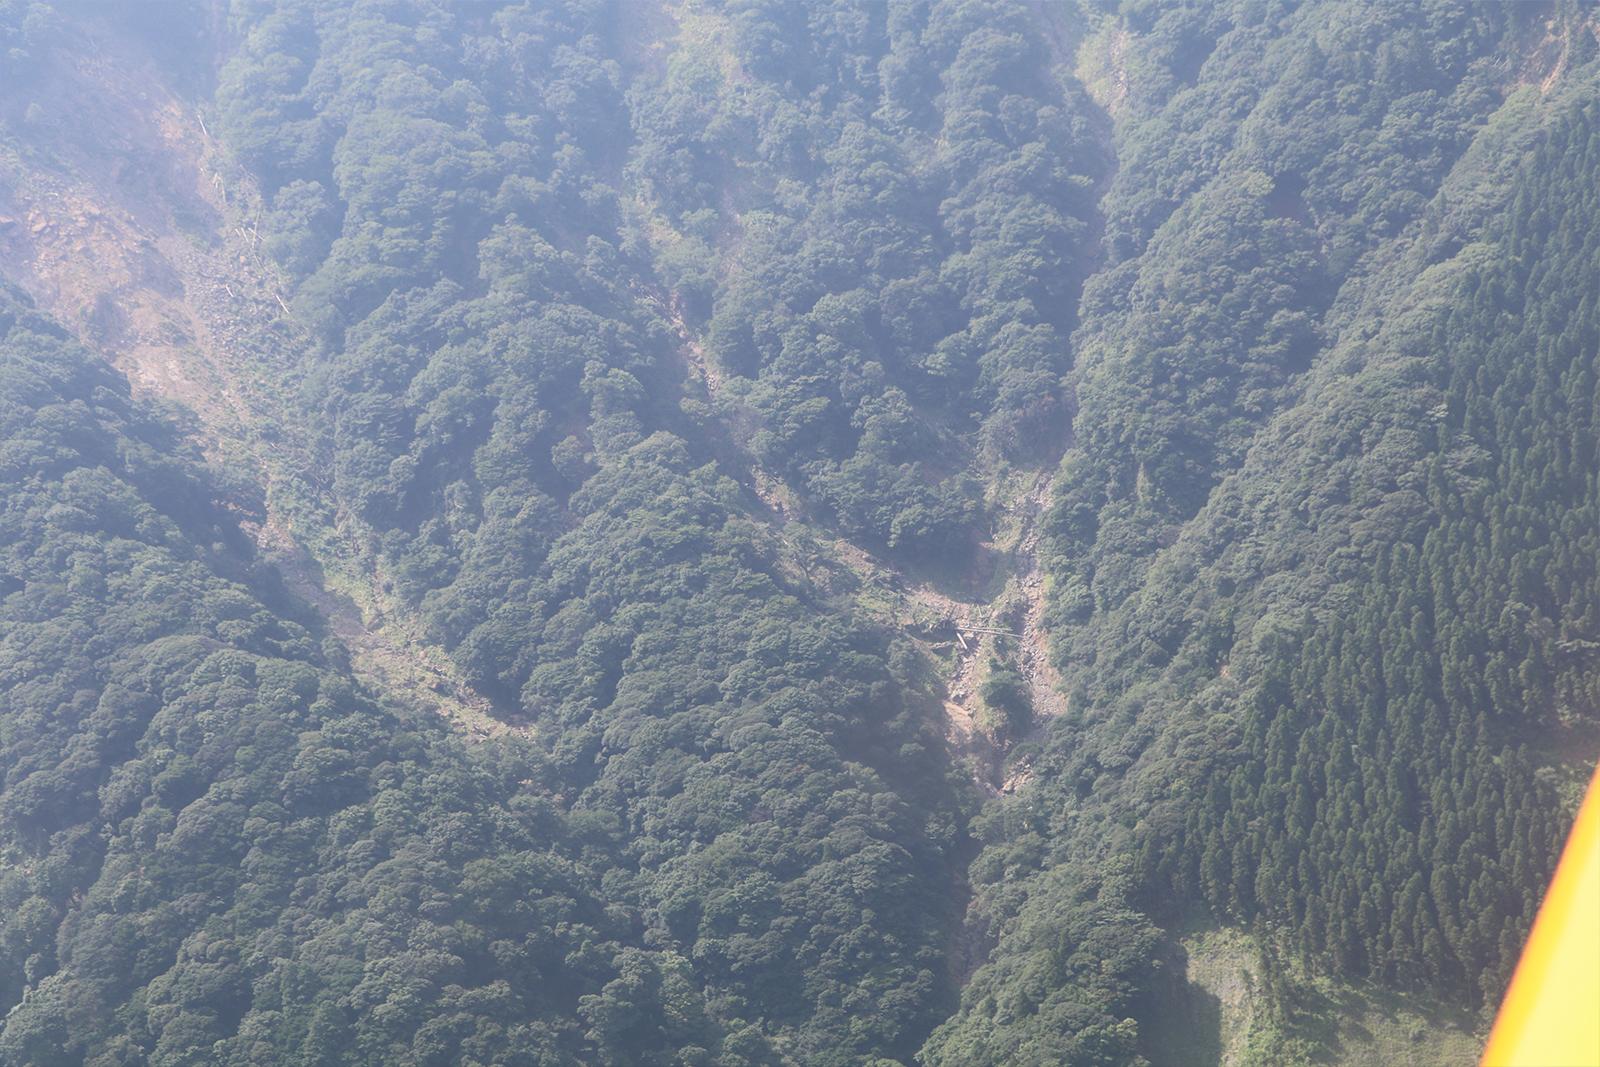 本地震の影響で、山肌が崩落